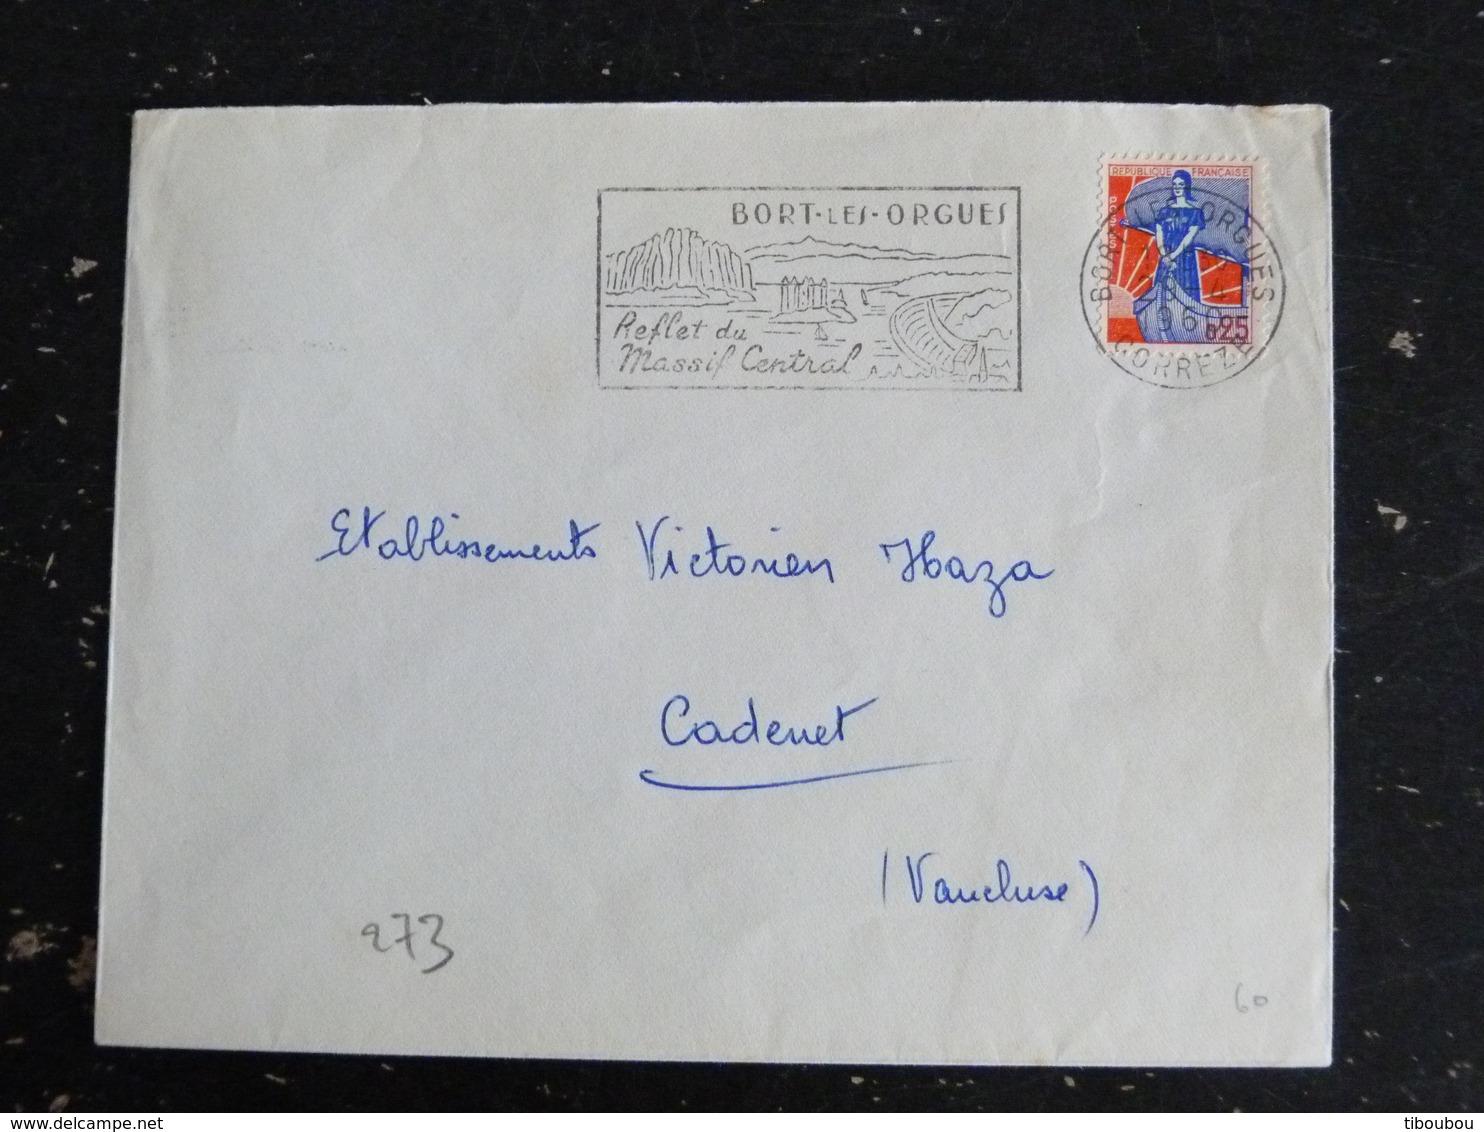 BORT LES ORGUES - CORREZE - FLAMME REFLET MASSIF CENTRAL SUR MARIANNE A LA NEF - Marcophilie (Lettres)